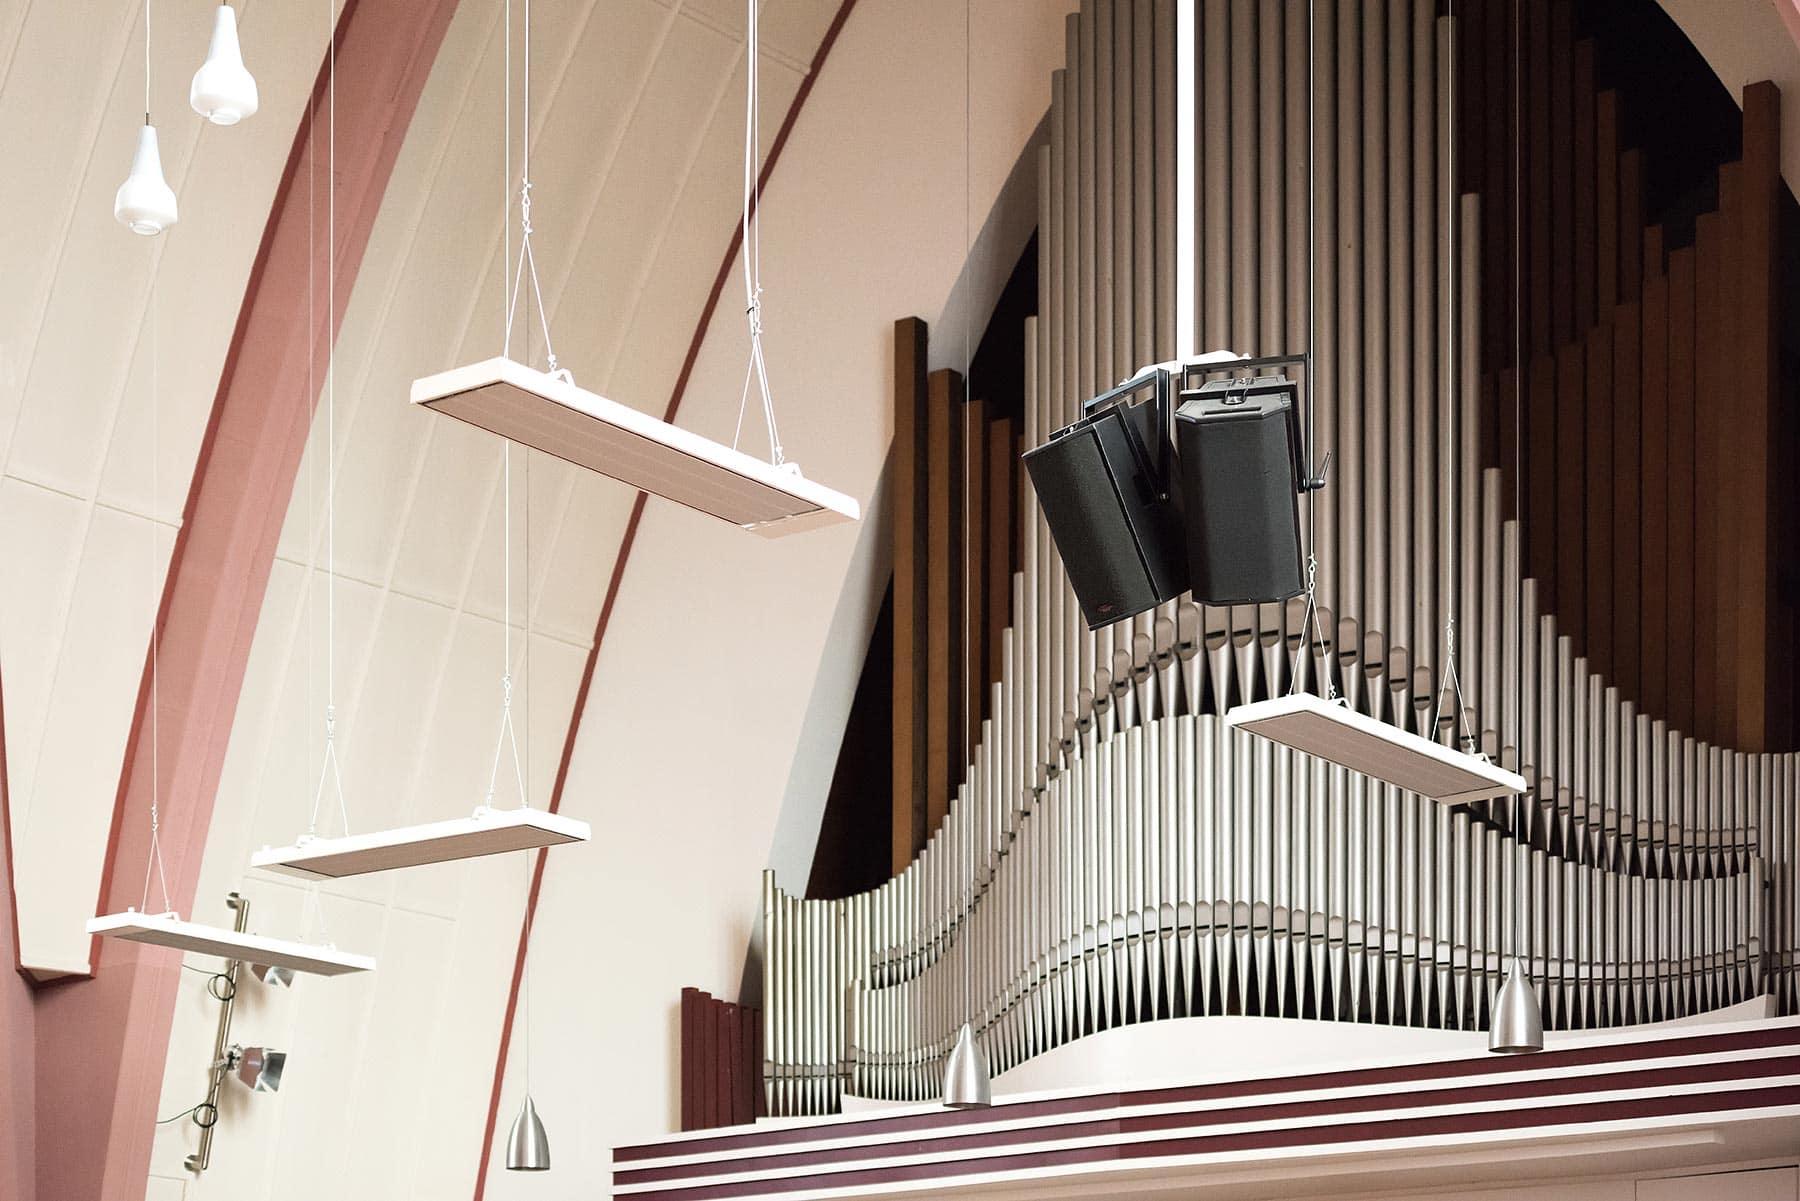 Kerk voorzien van infrarood warmtestralers - Harderwijk